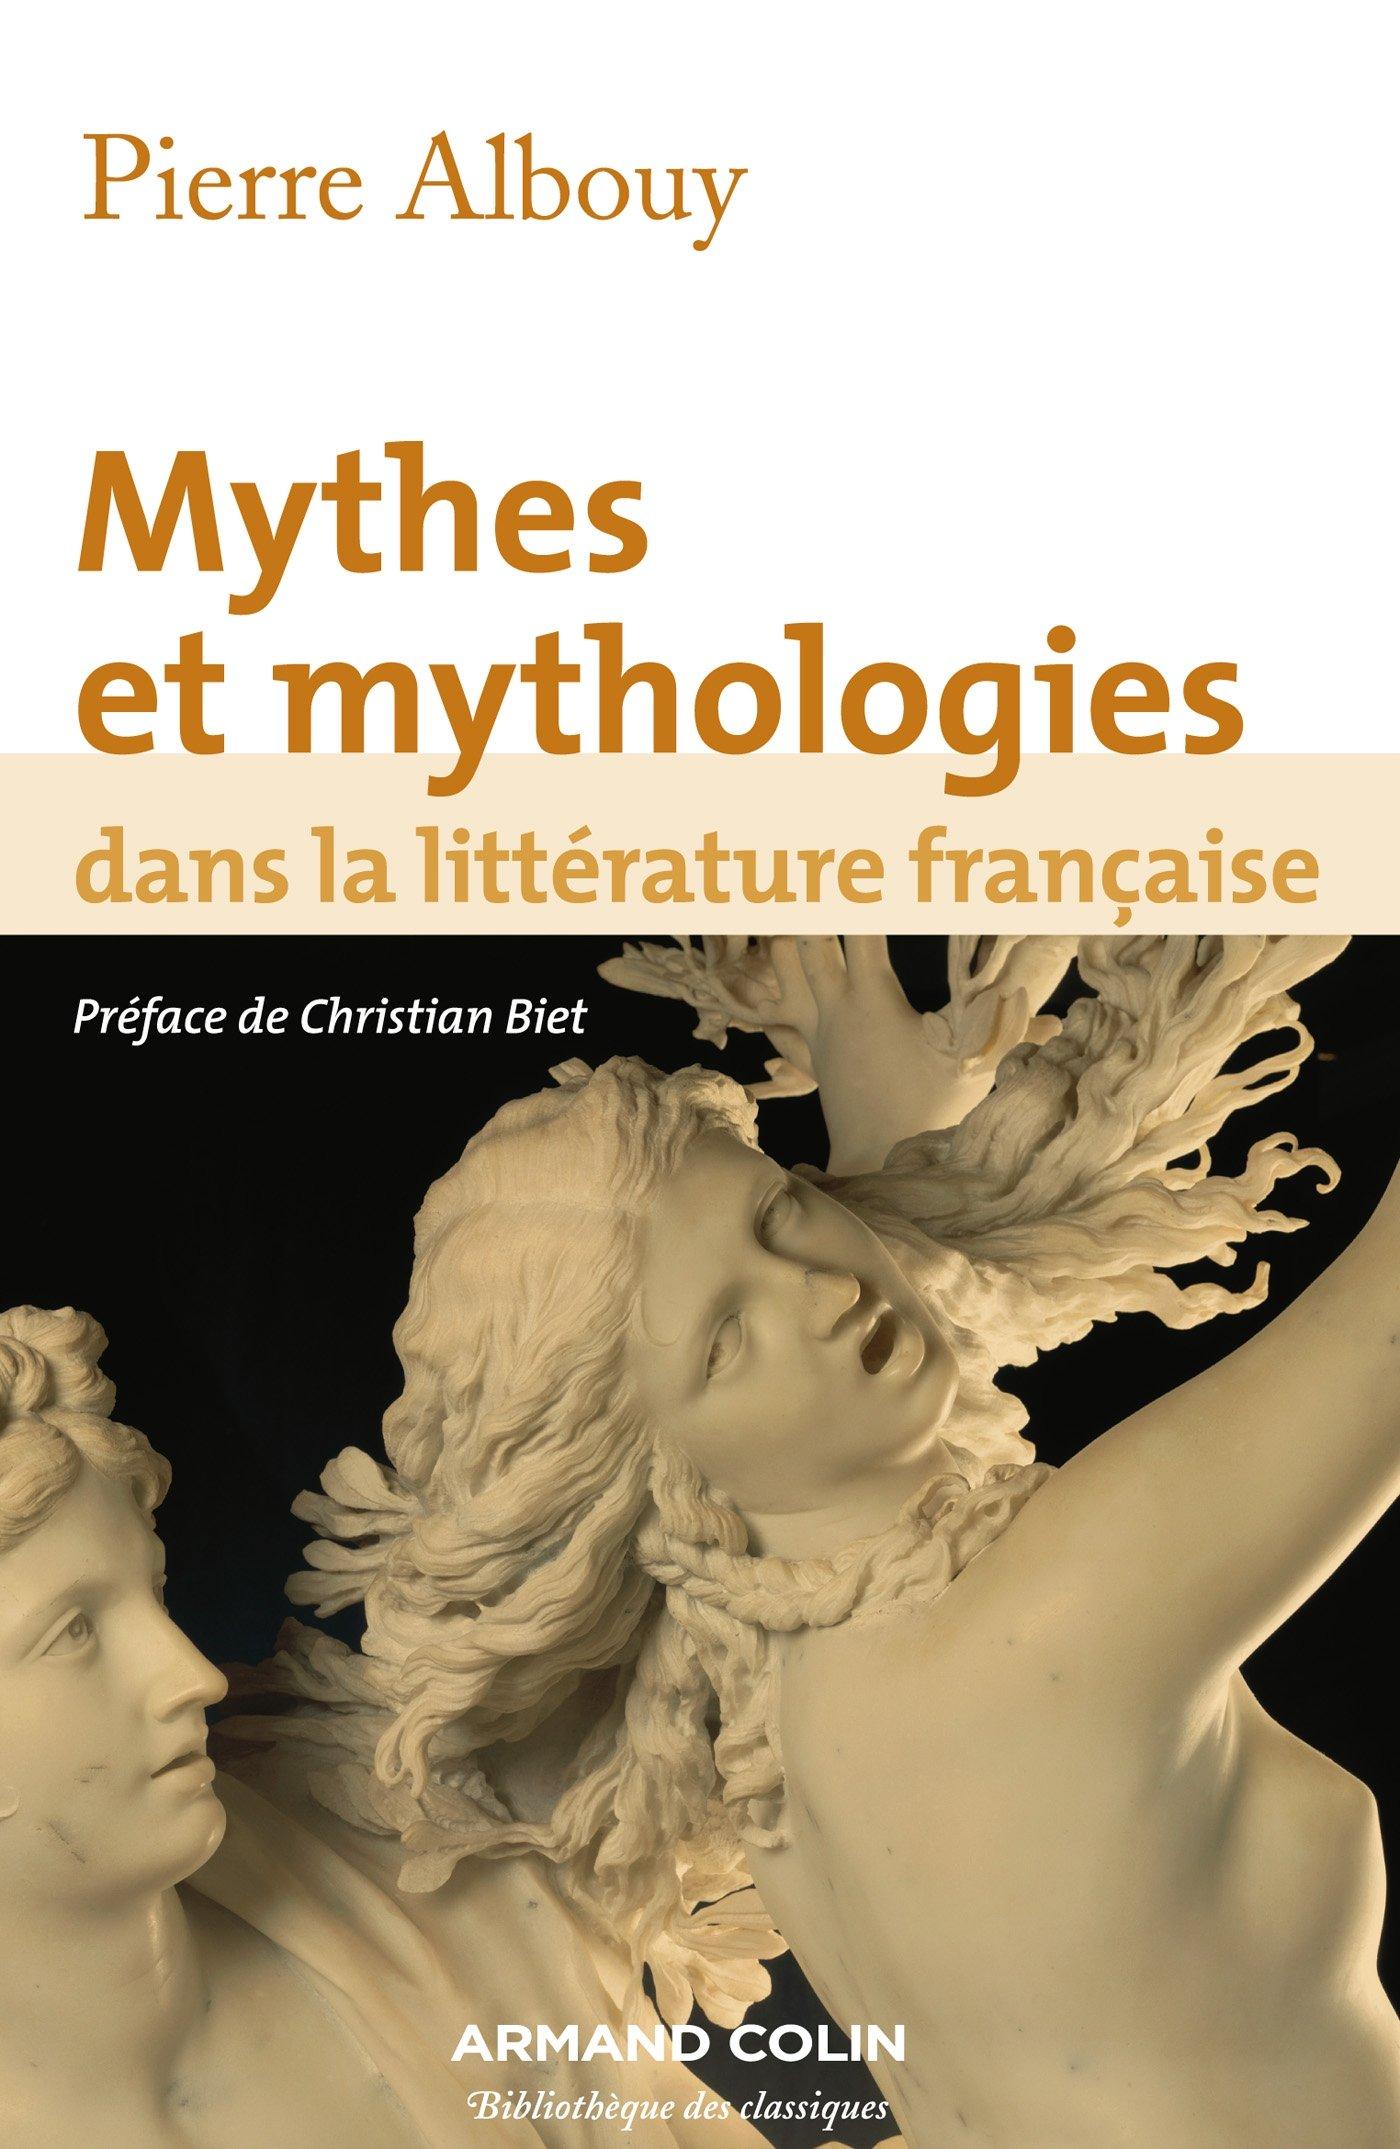 Mythes et mythologies dans la littérature française Broché – 7 novembre 2012 Pierre Albouy Armand Colin 2200282095 Sciences Humaines Et Sociales